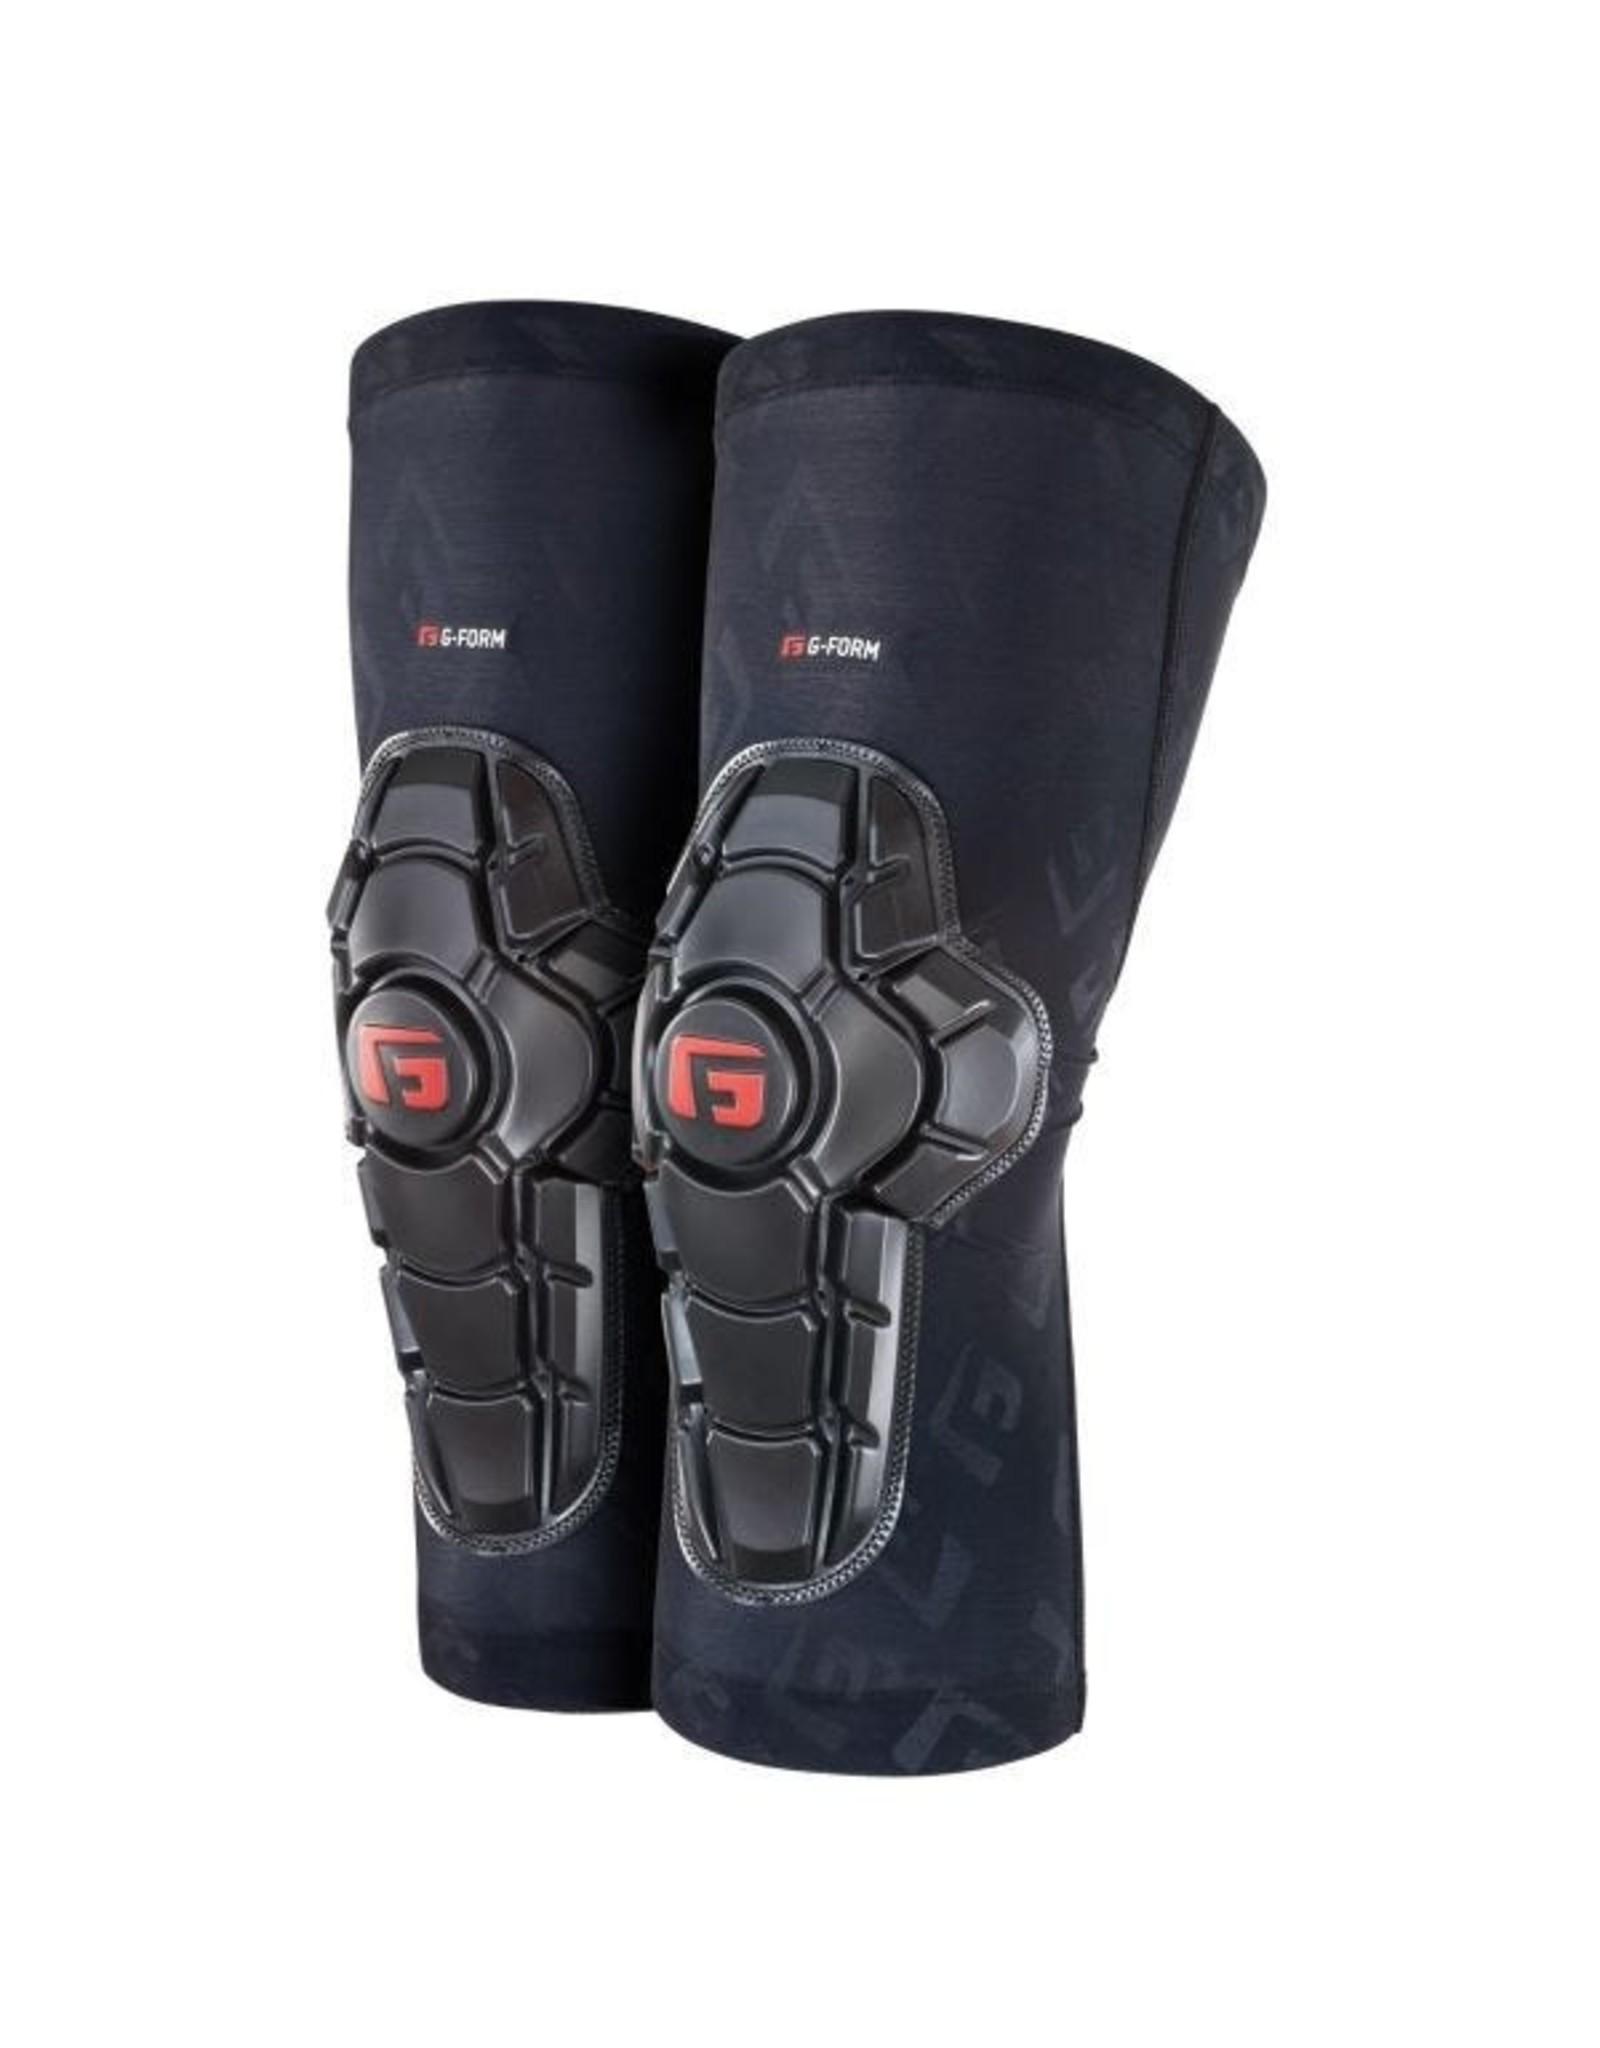 G-Form G-Form, Pro-X2, Knee Pads, Black, S, Set